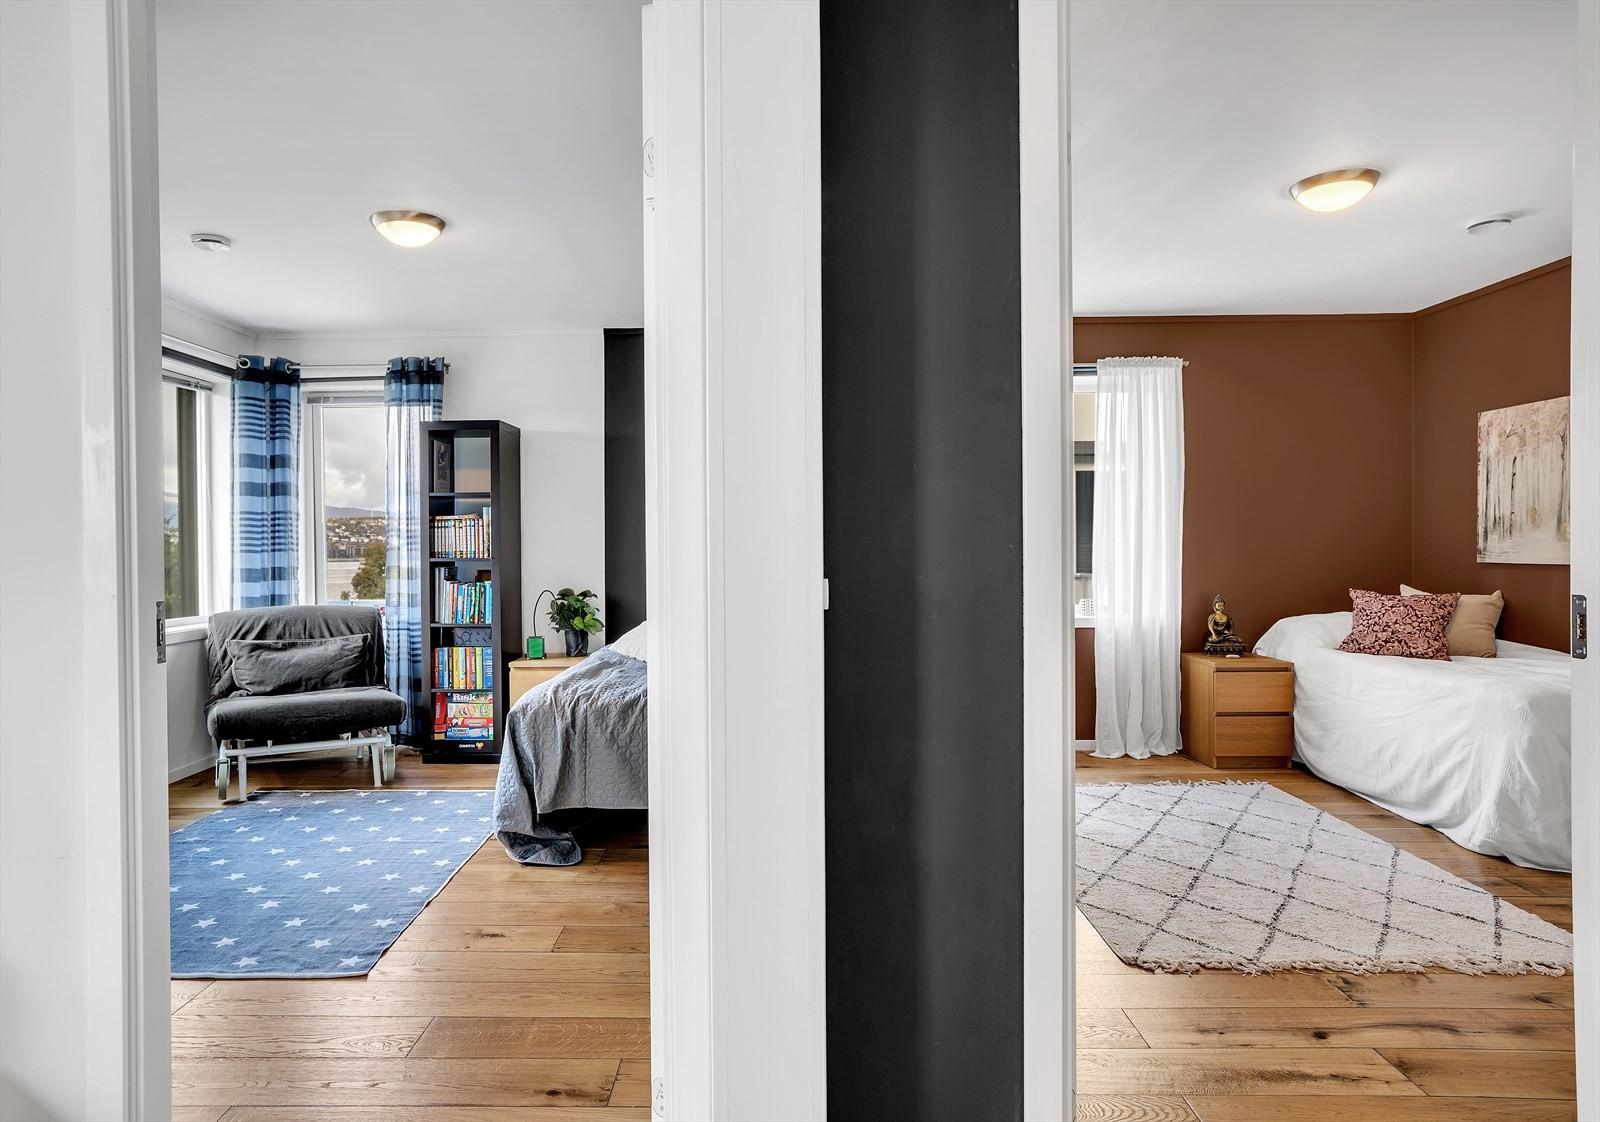 Soverom 2 og 3 i den midterste etasjen. Det er også betonghimling ned til utleiedelen.